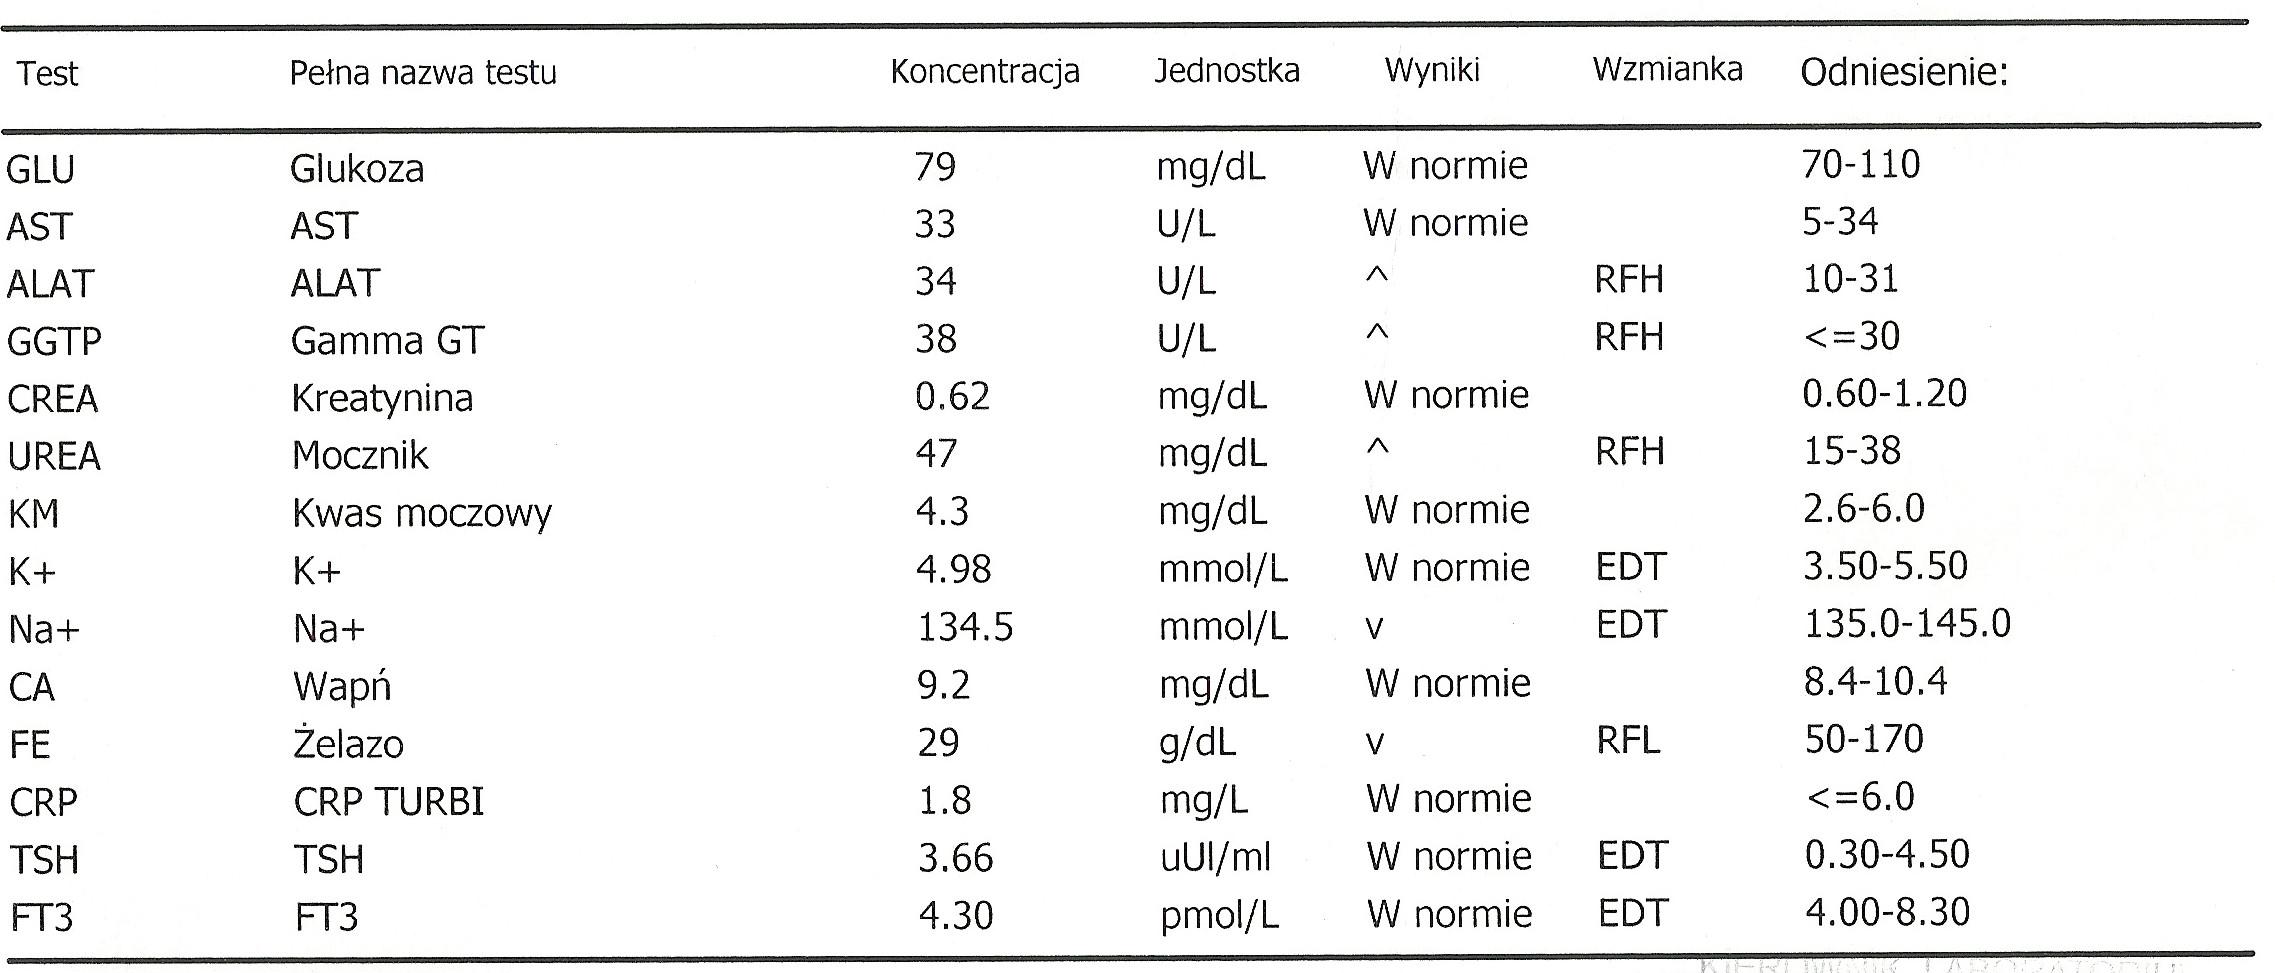 Glodne_pl-Karta informacyjna leczenia szpitalnego w oddziale psychiatrii (anorekcja, bulimia), badania laboratoryjne-3